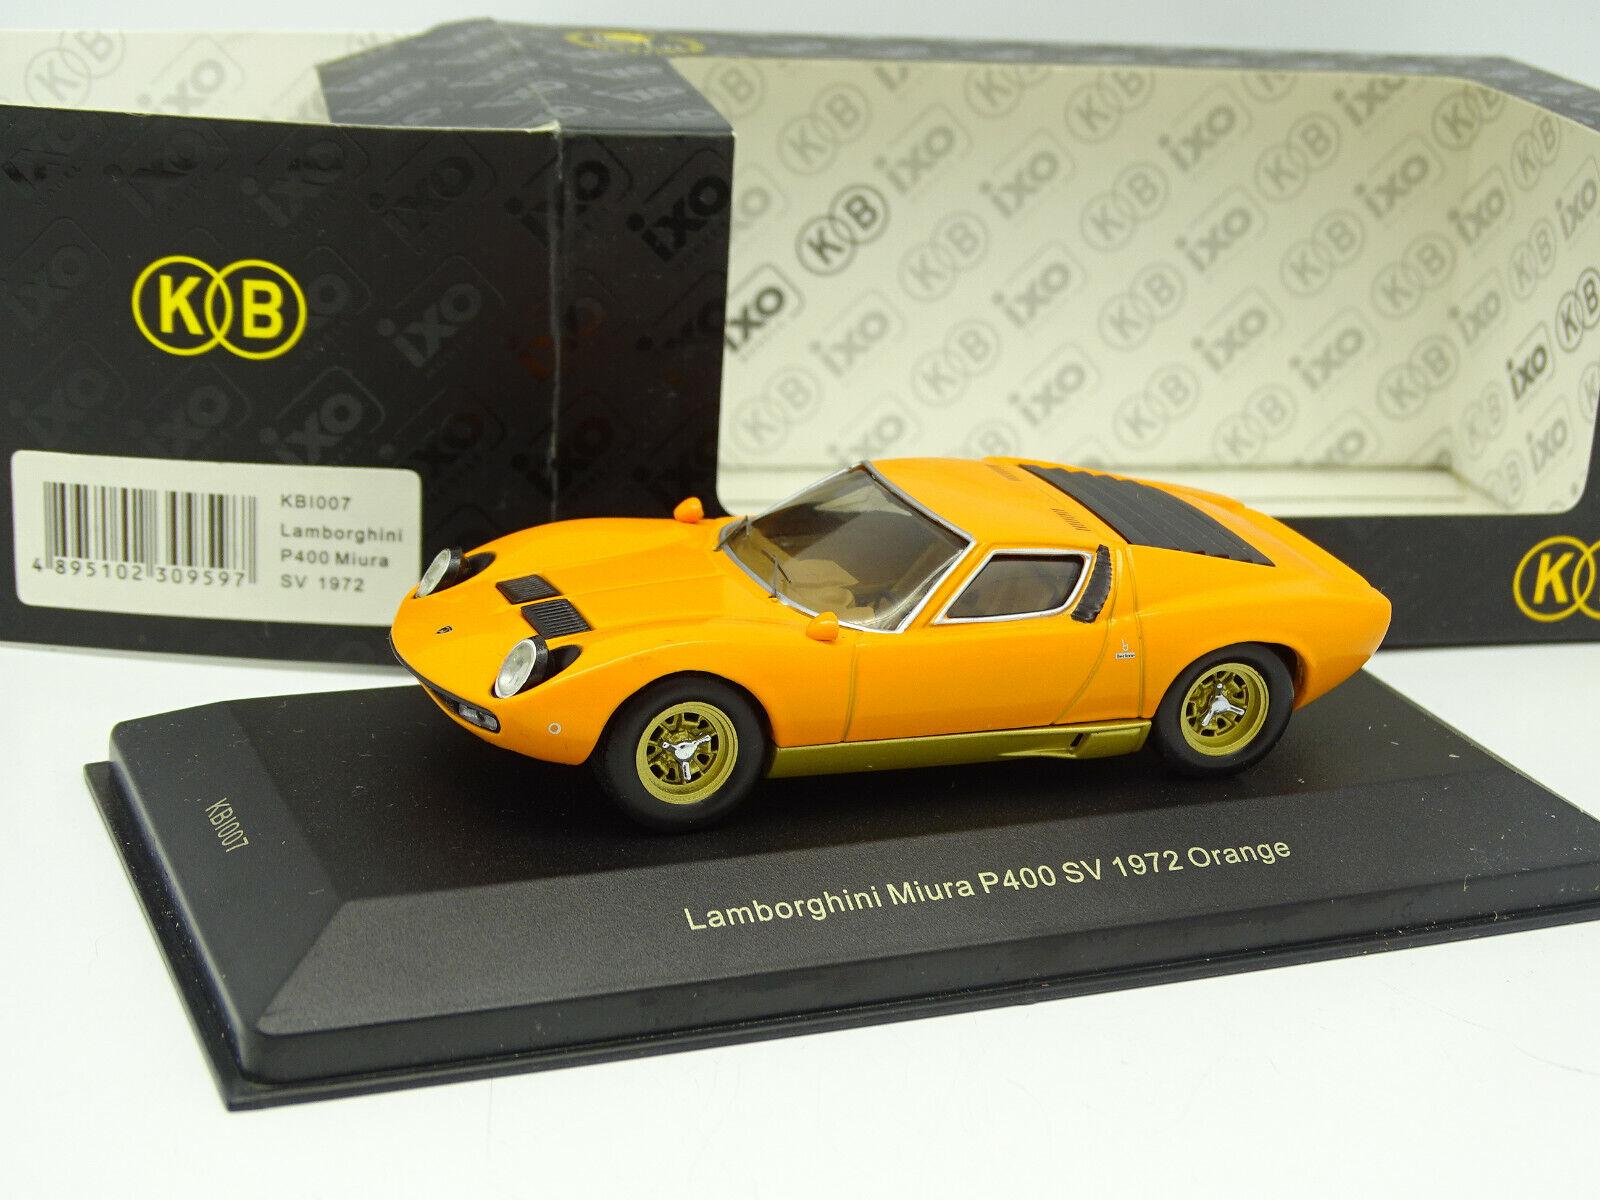 all'ingrosso a buon mercato Ixo KB 1 43 - Lamborghini Miura Miura Miura P400 Sv 1972 Arancione  fino al 65% di sconto